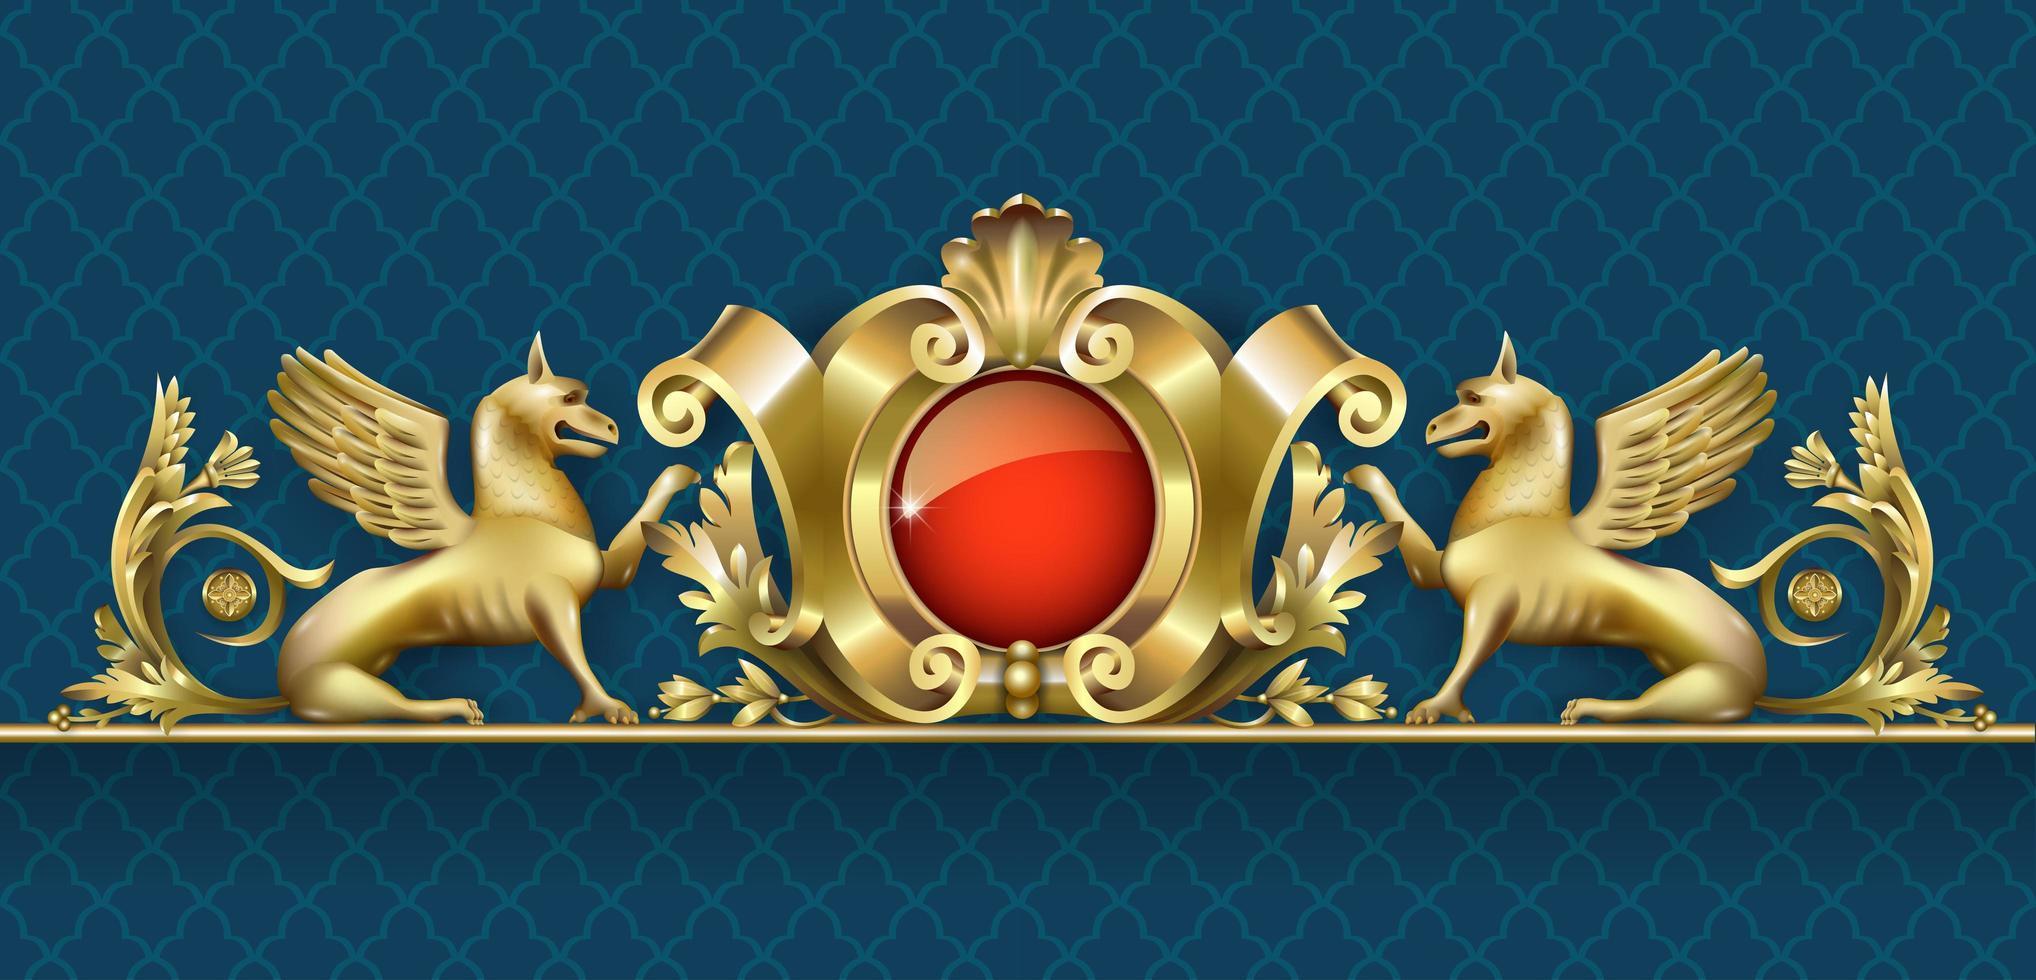 goldenes Hochrelief mit Greif und rotem Juwel vektor